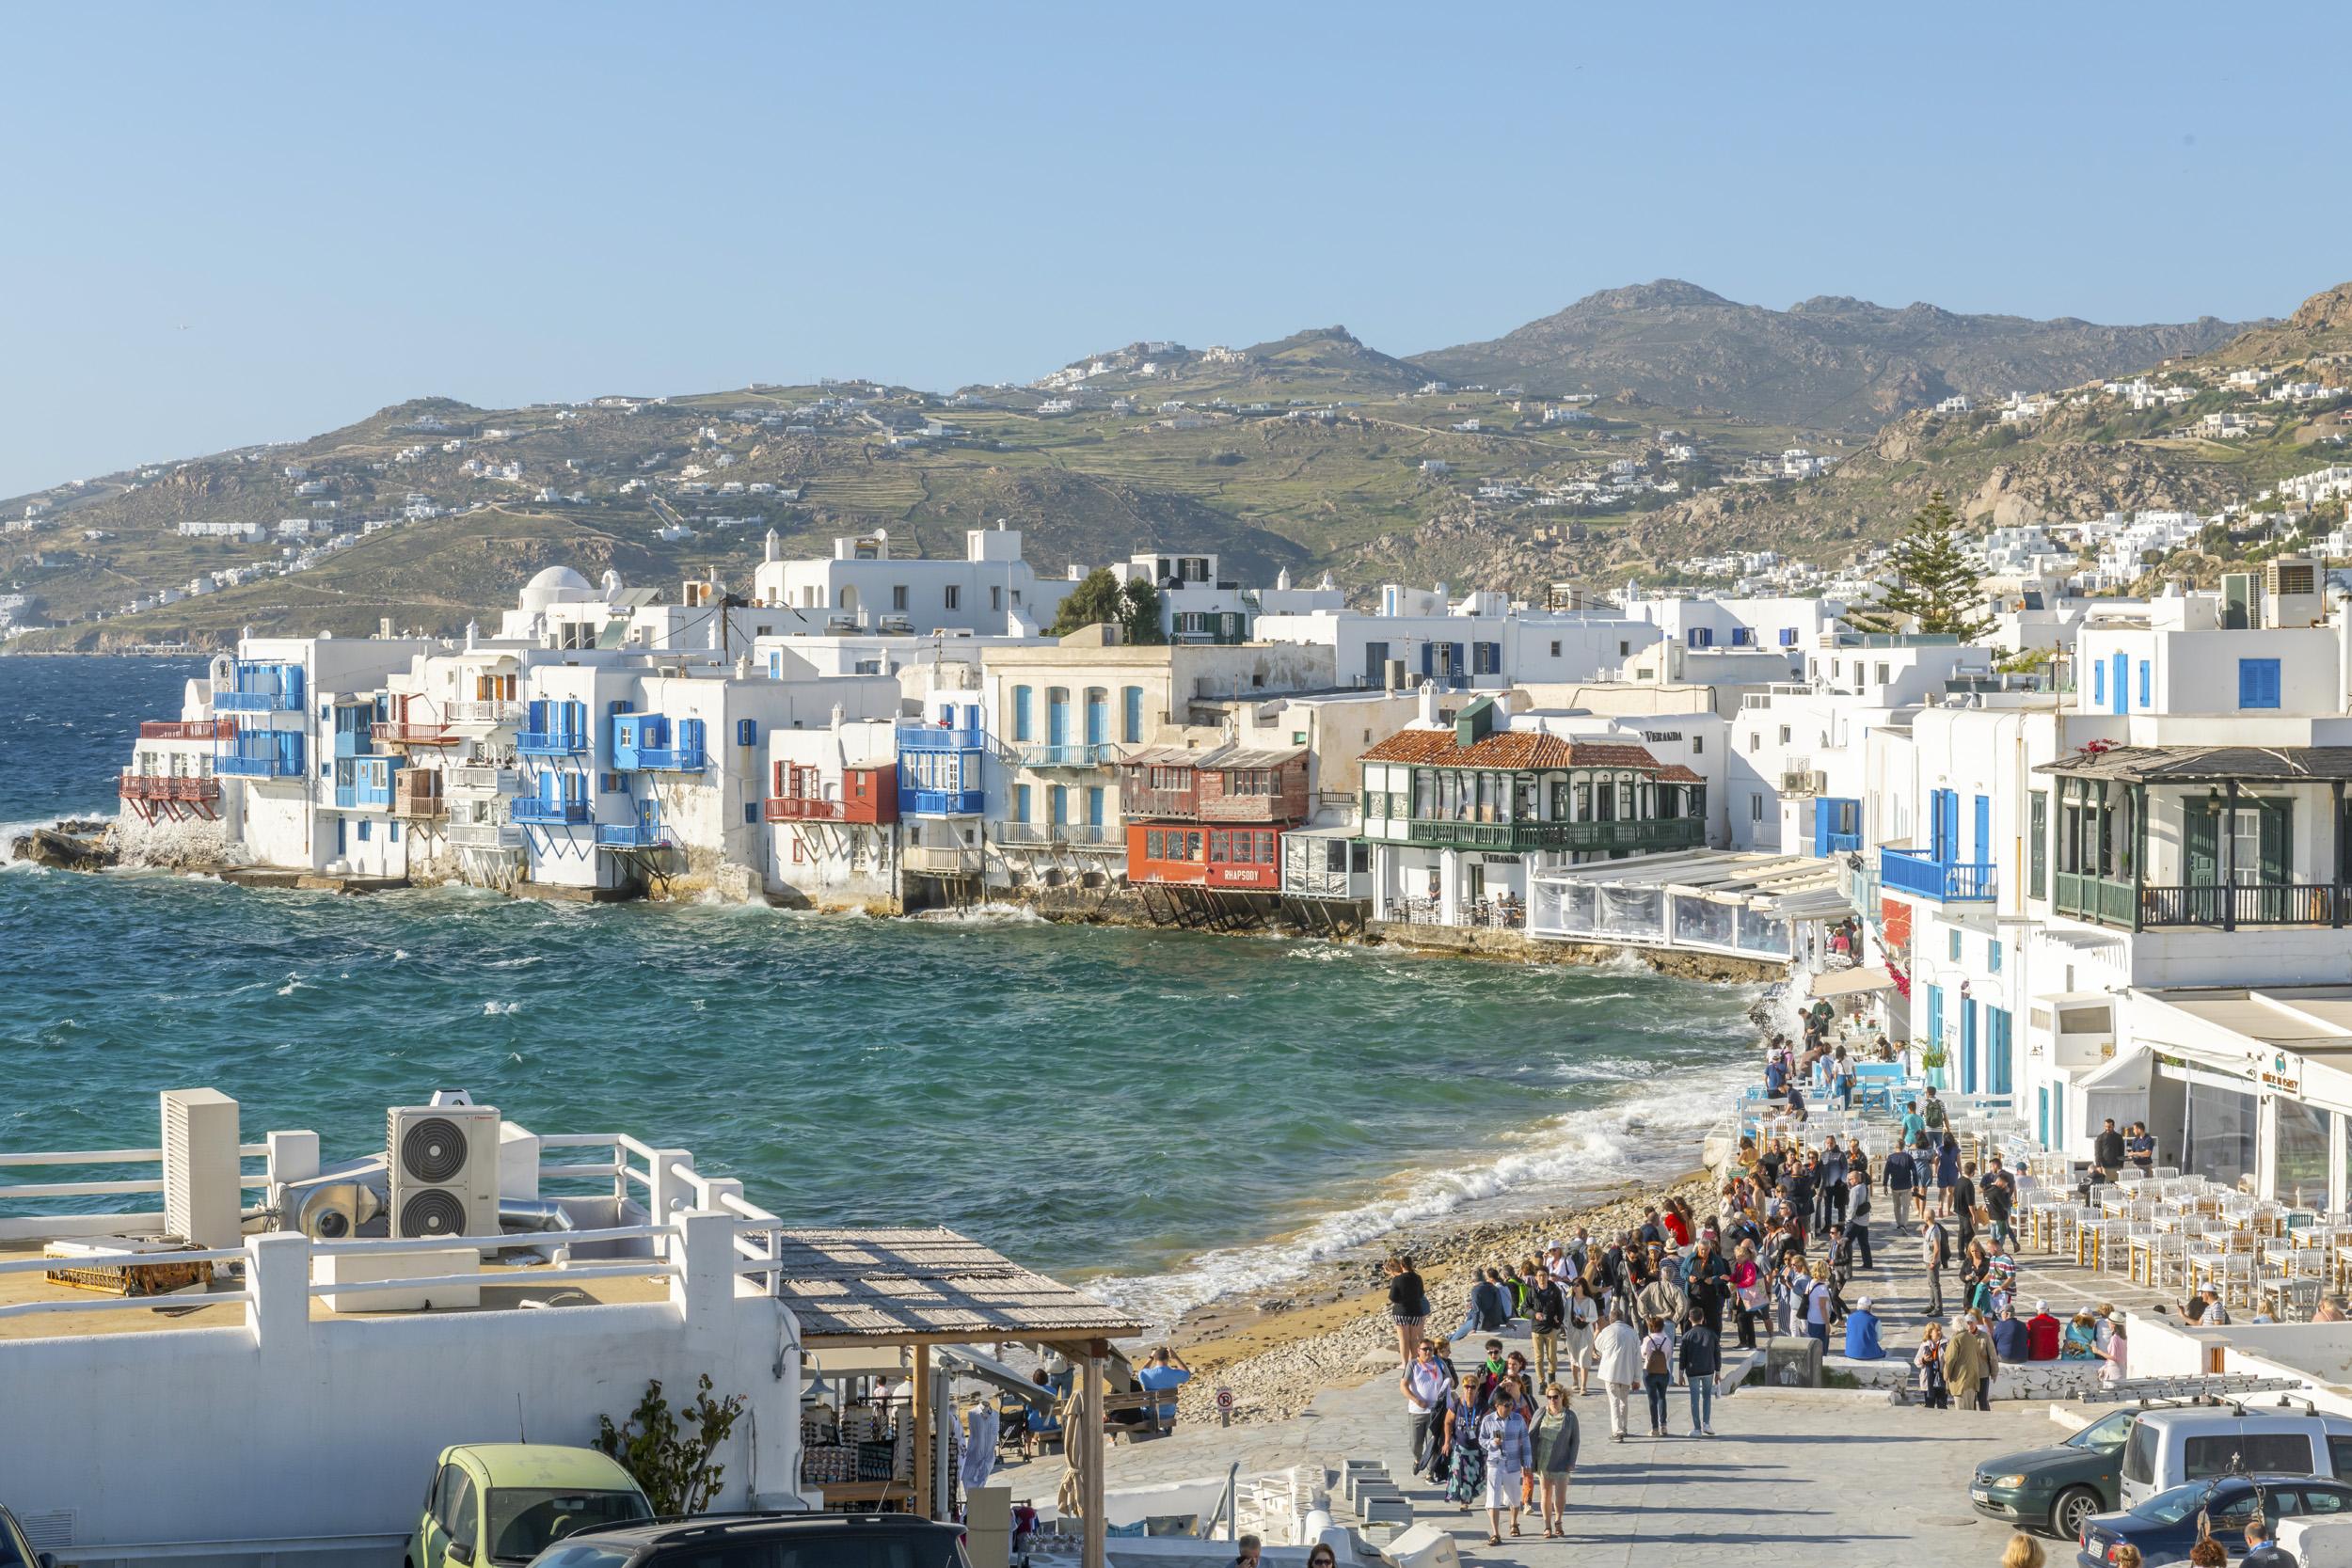 Waterfront of Mykonos - Mykonos, Greece